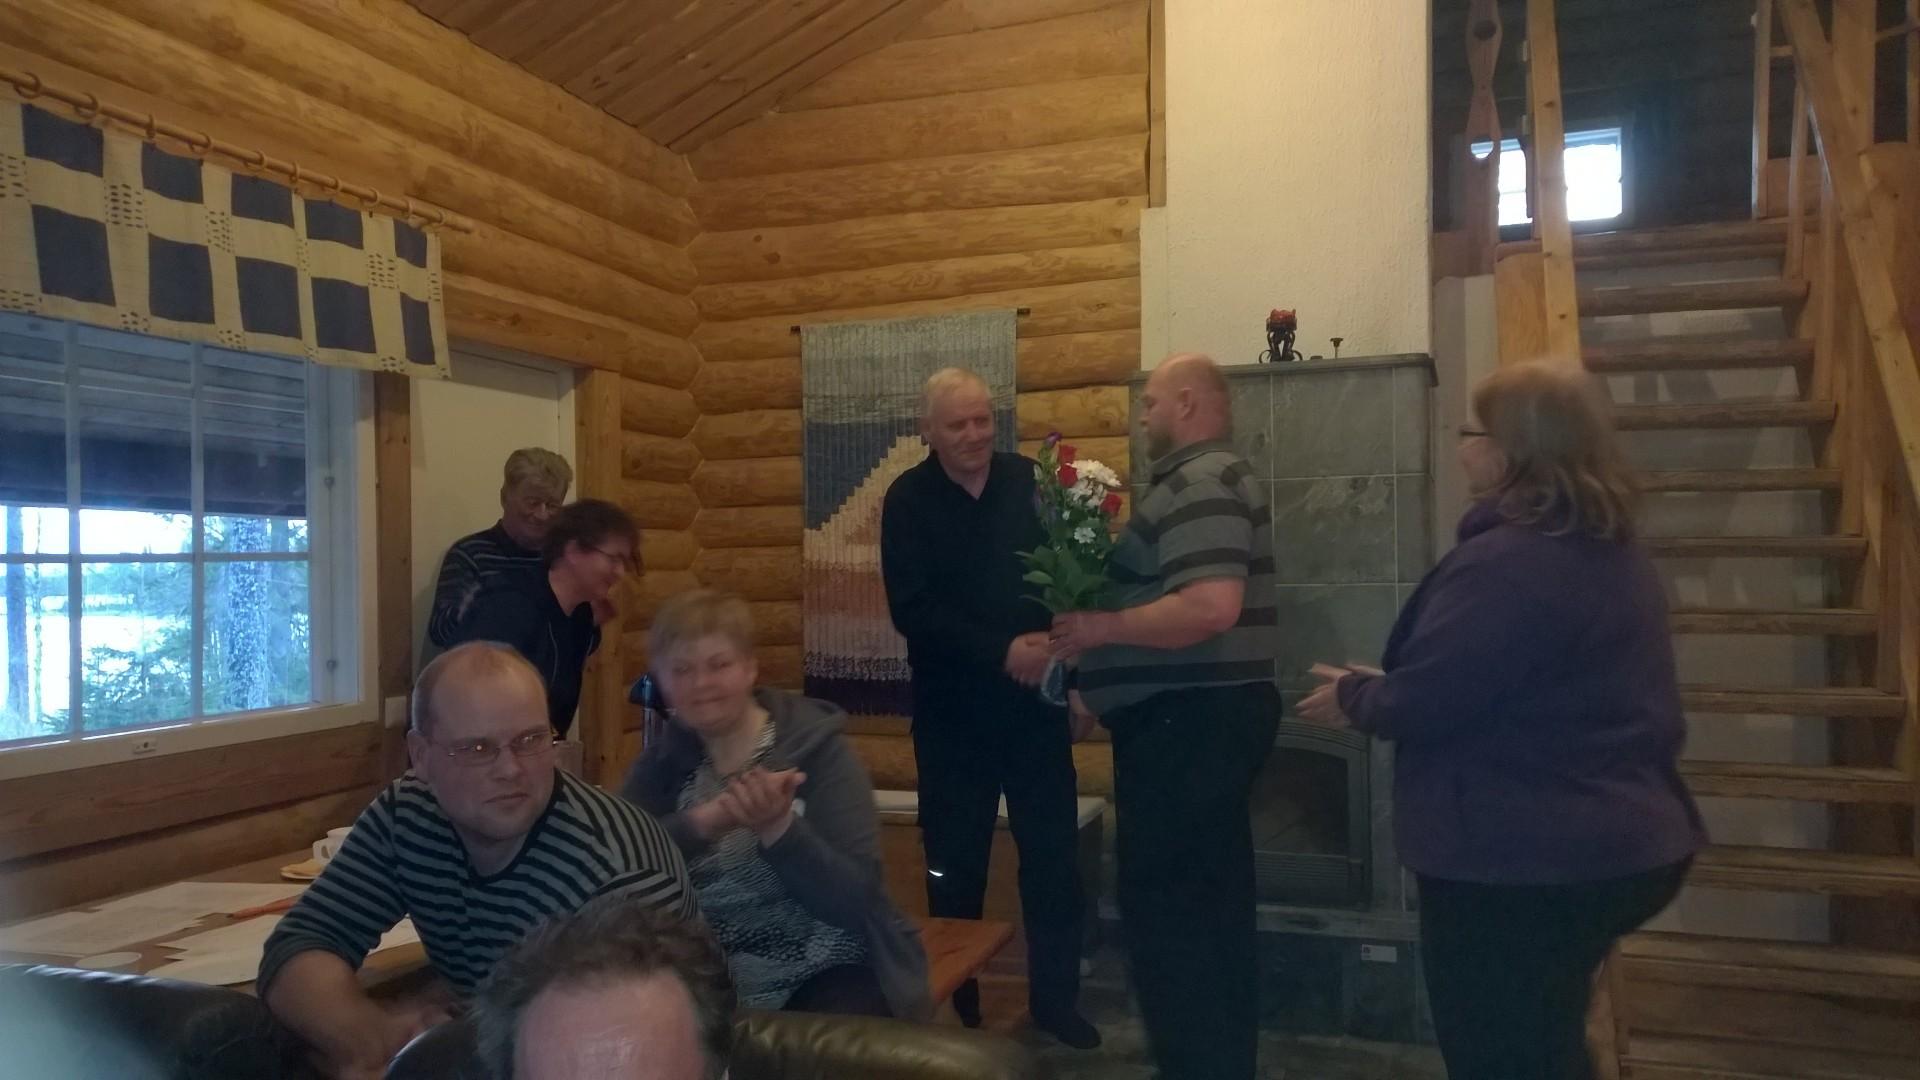 Kyläpäällikkö Juhani Tiainen ojentaa kukat yhdistyksen ensimmäisille kunniajäsenille, Marja ja Antti Väistölle.